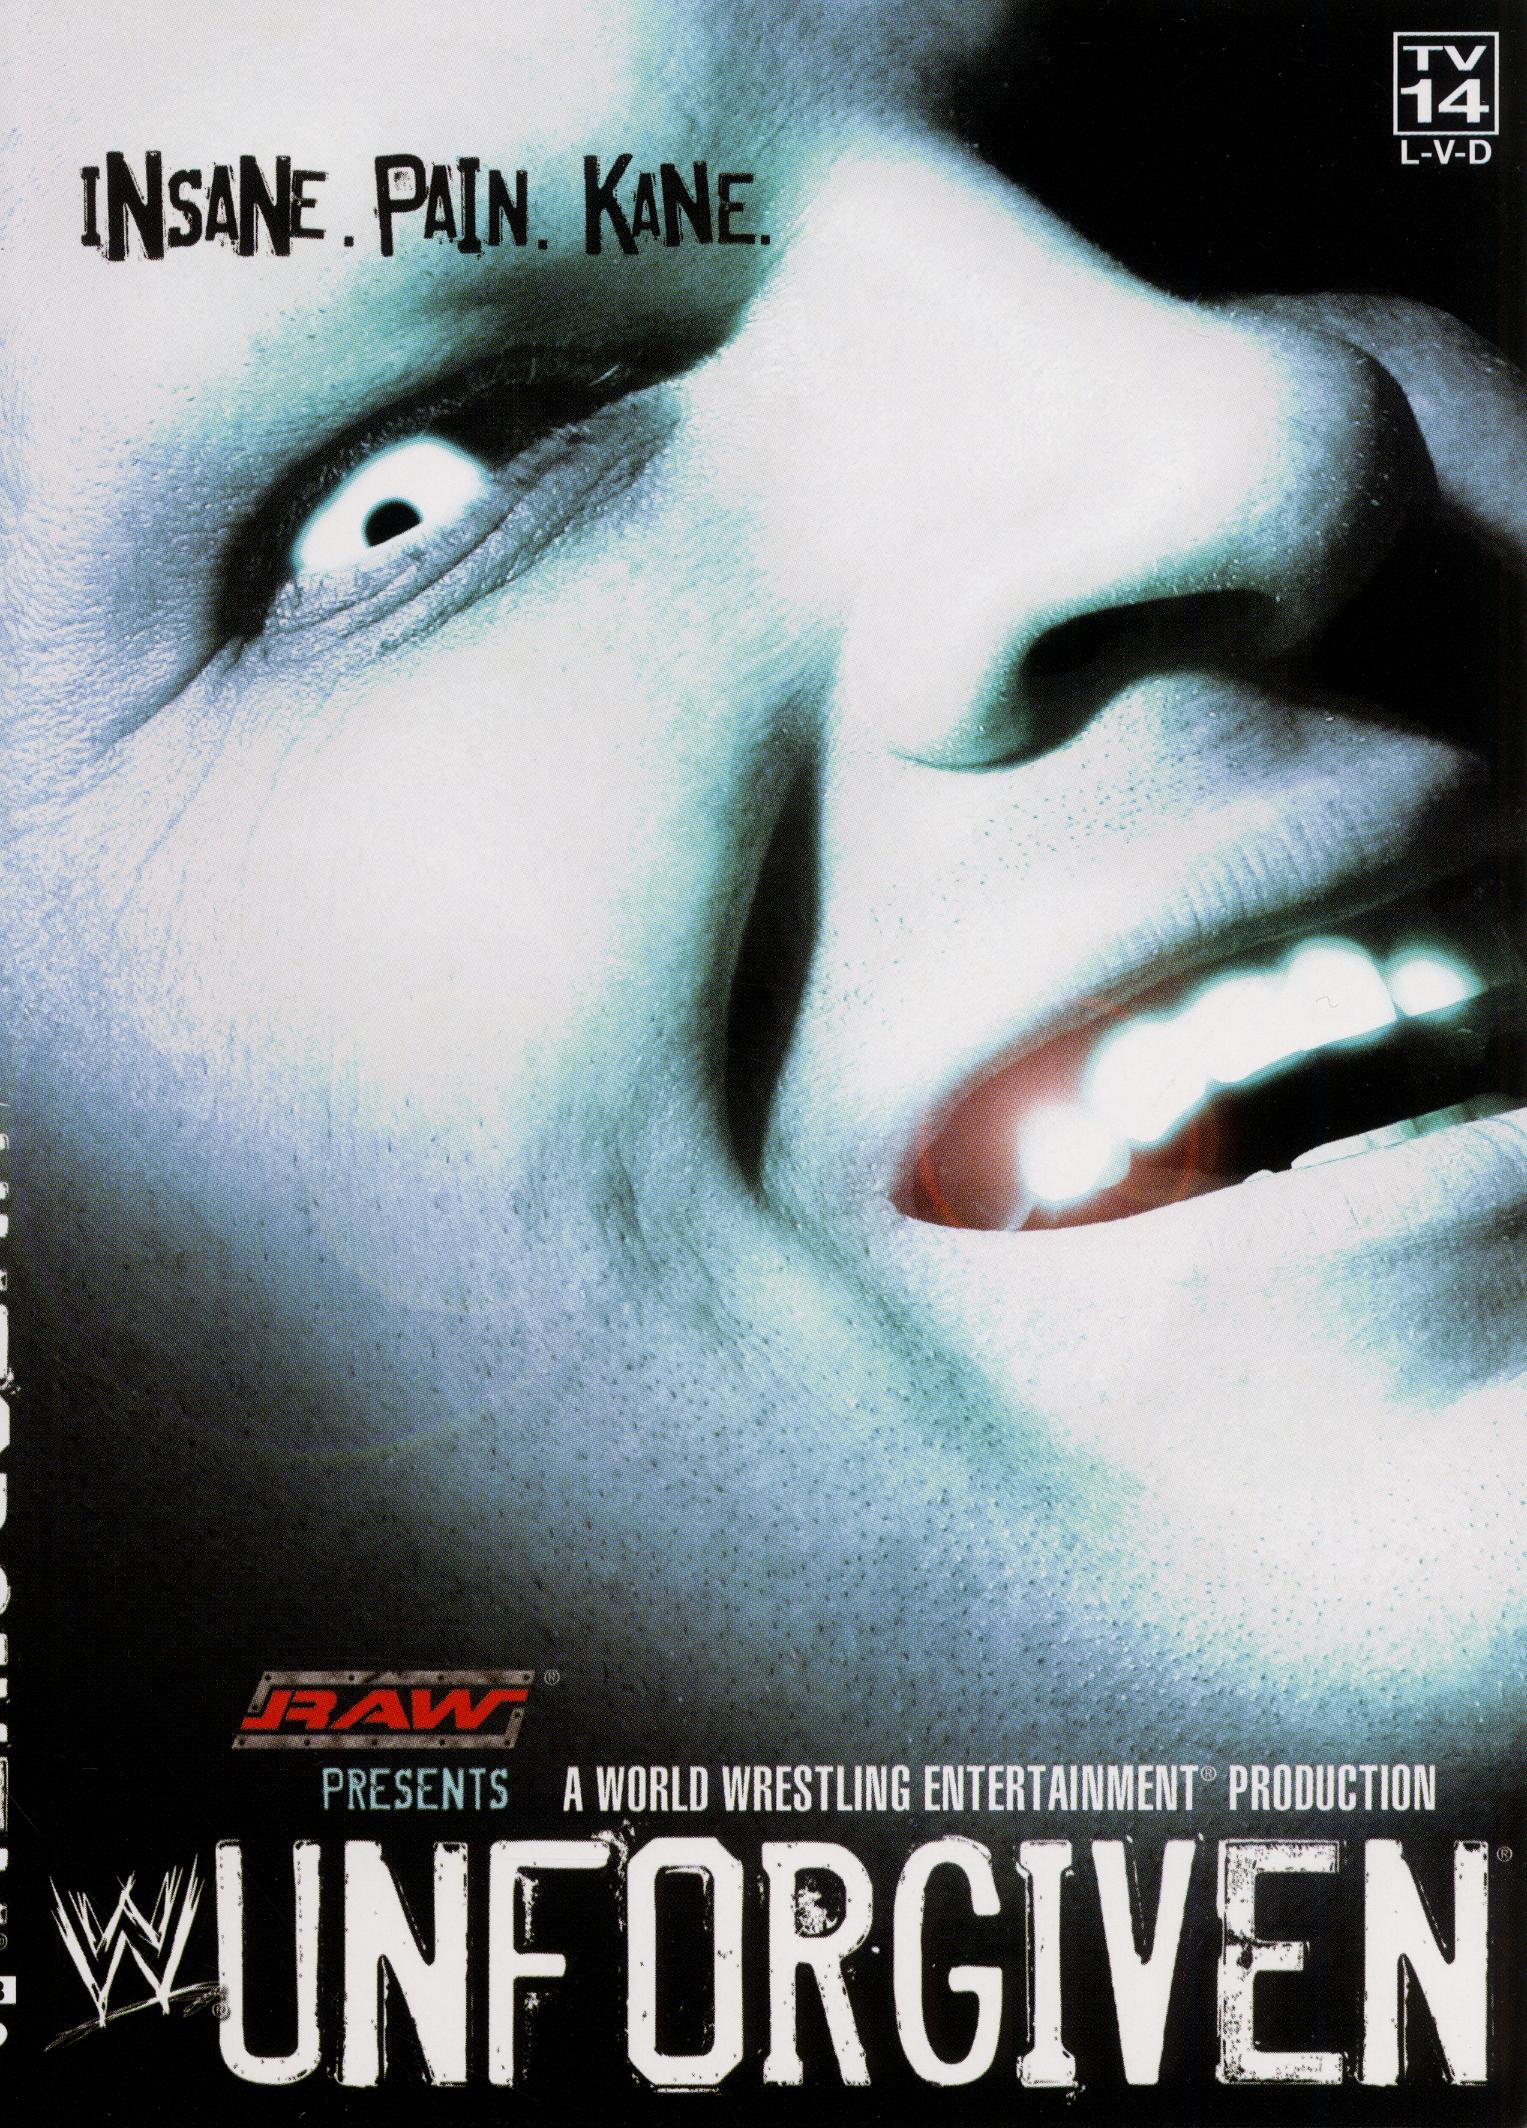 WWE: Unforgiven 2004